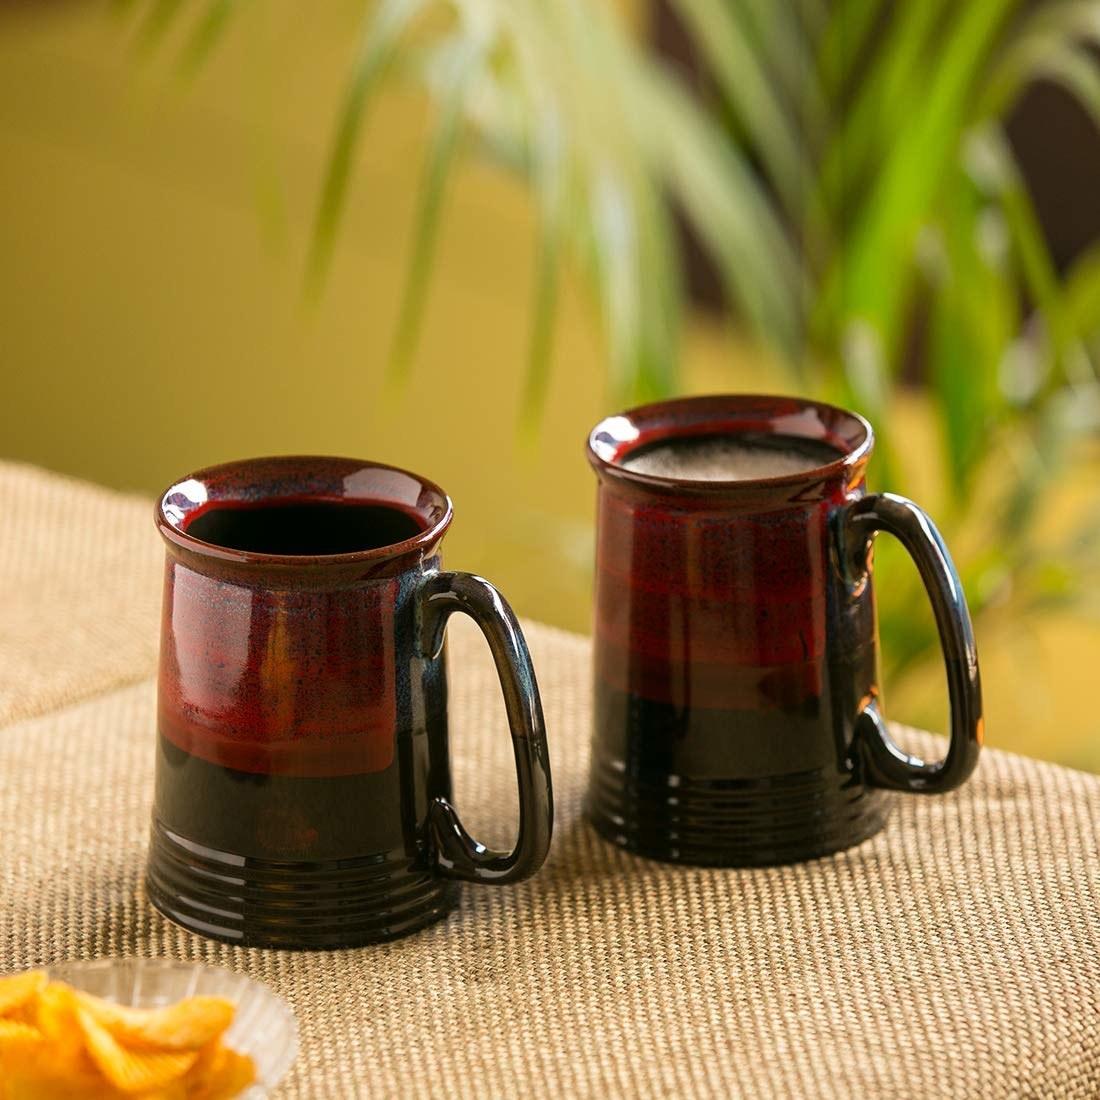 A pair of red ceramic beer mugs.